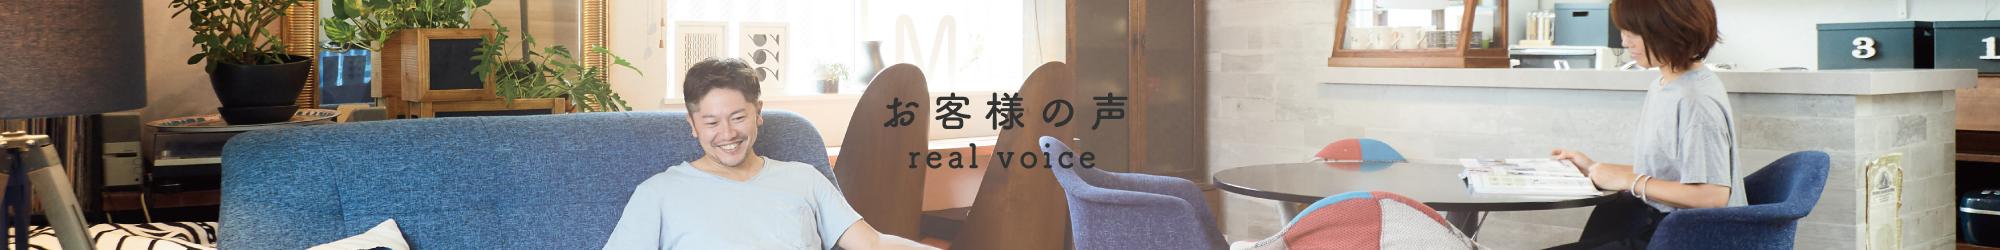 obi_realvoice2021